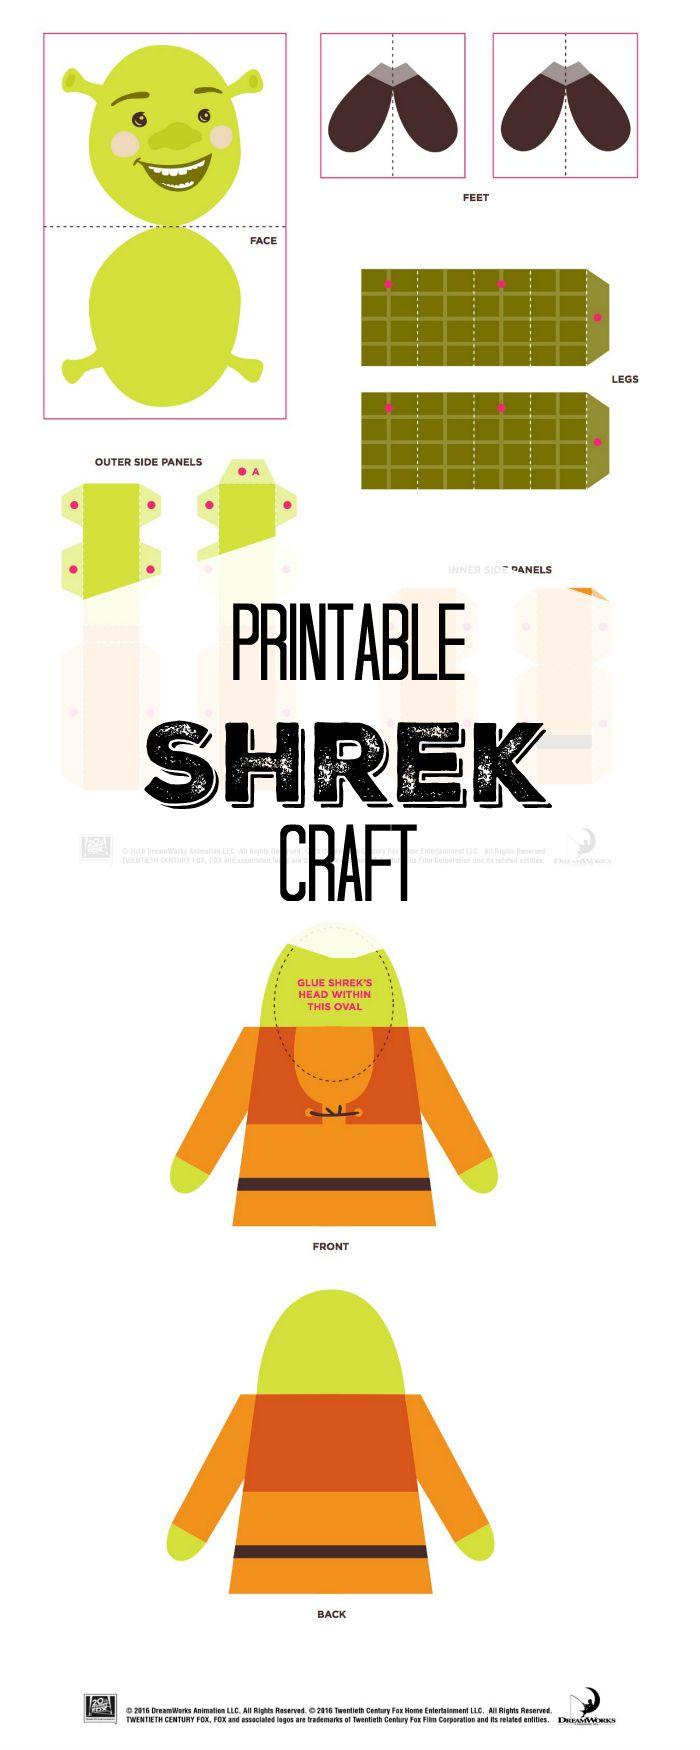 Free Printable Shrek Craft | Diy | Shrek, Free Printables, Crafts - Free Printable Crafts